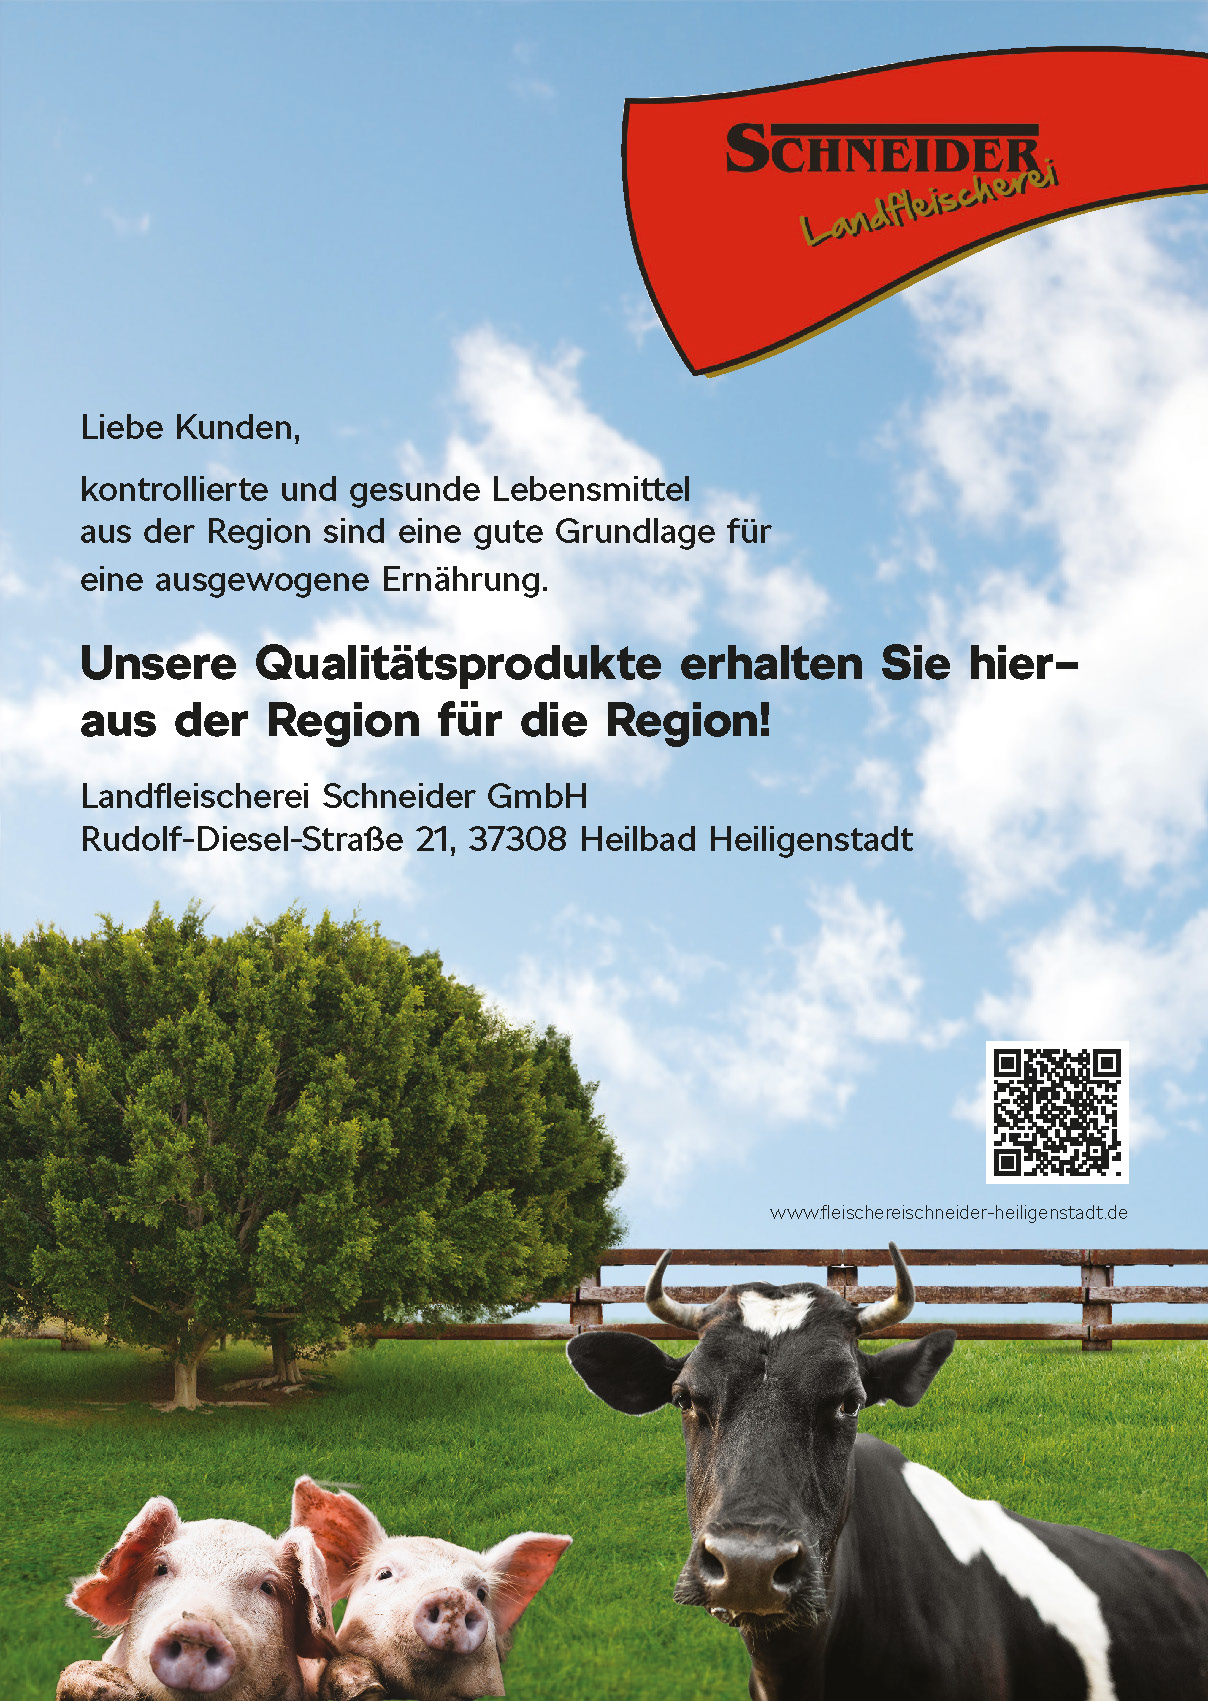 Landfleischerei Schneider, Qualitätsprodukte aus der Region für die Region